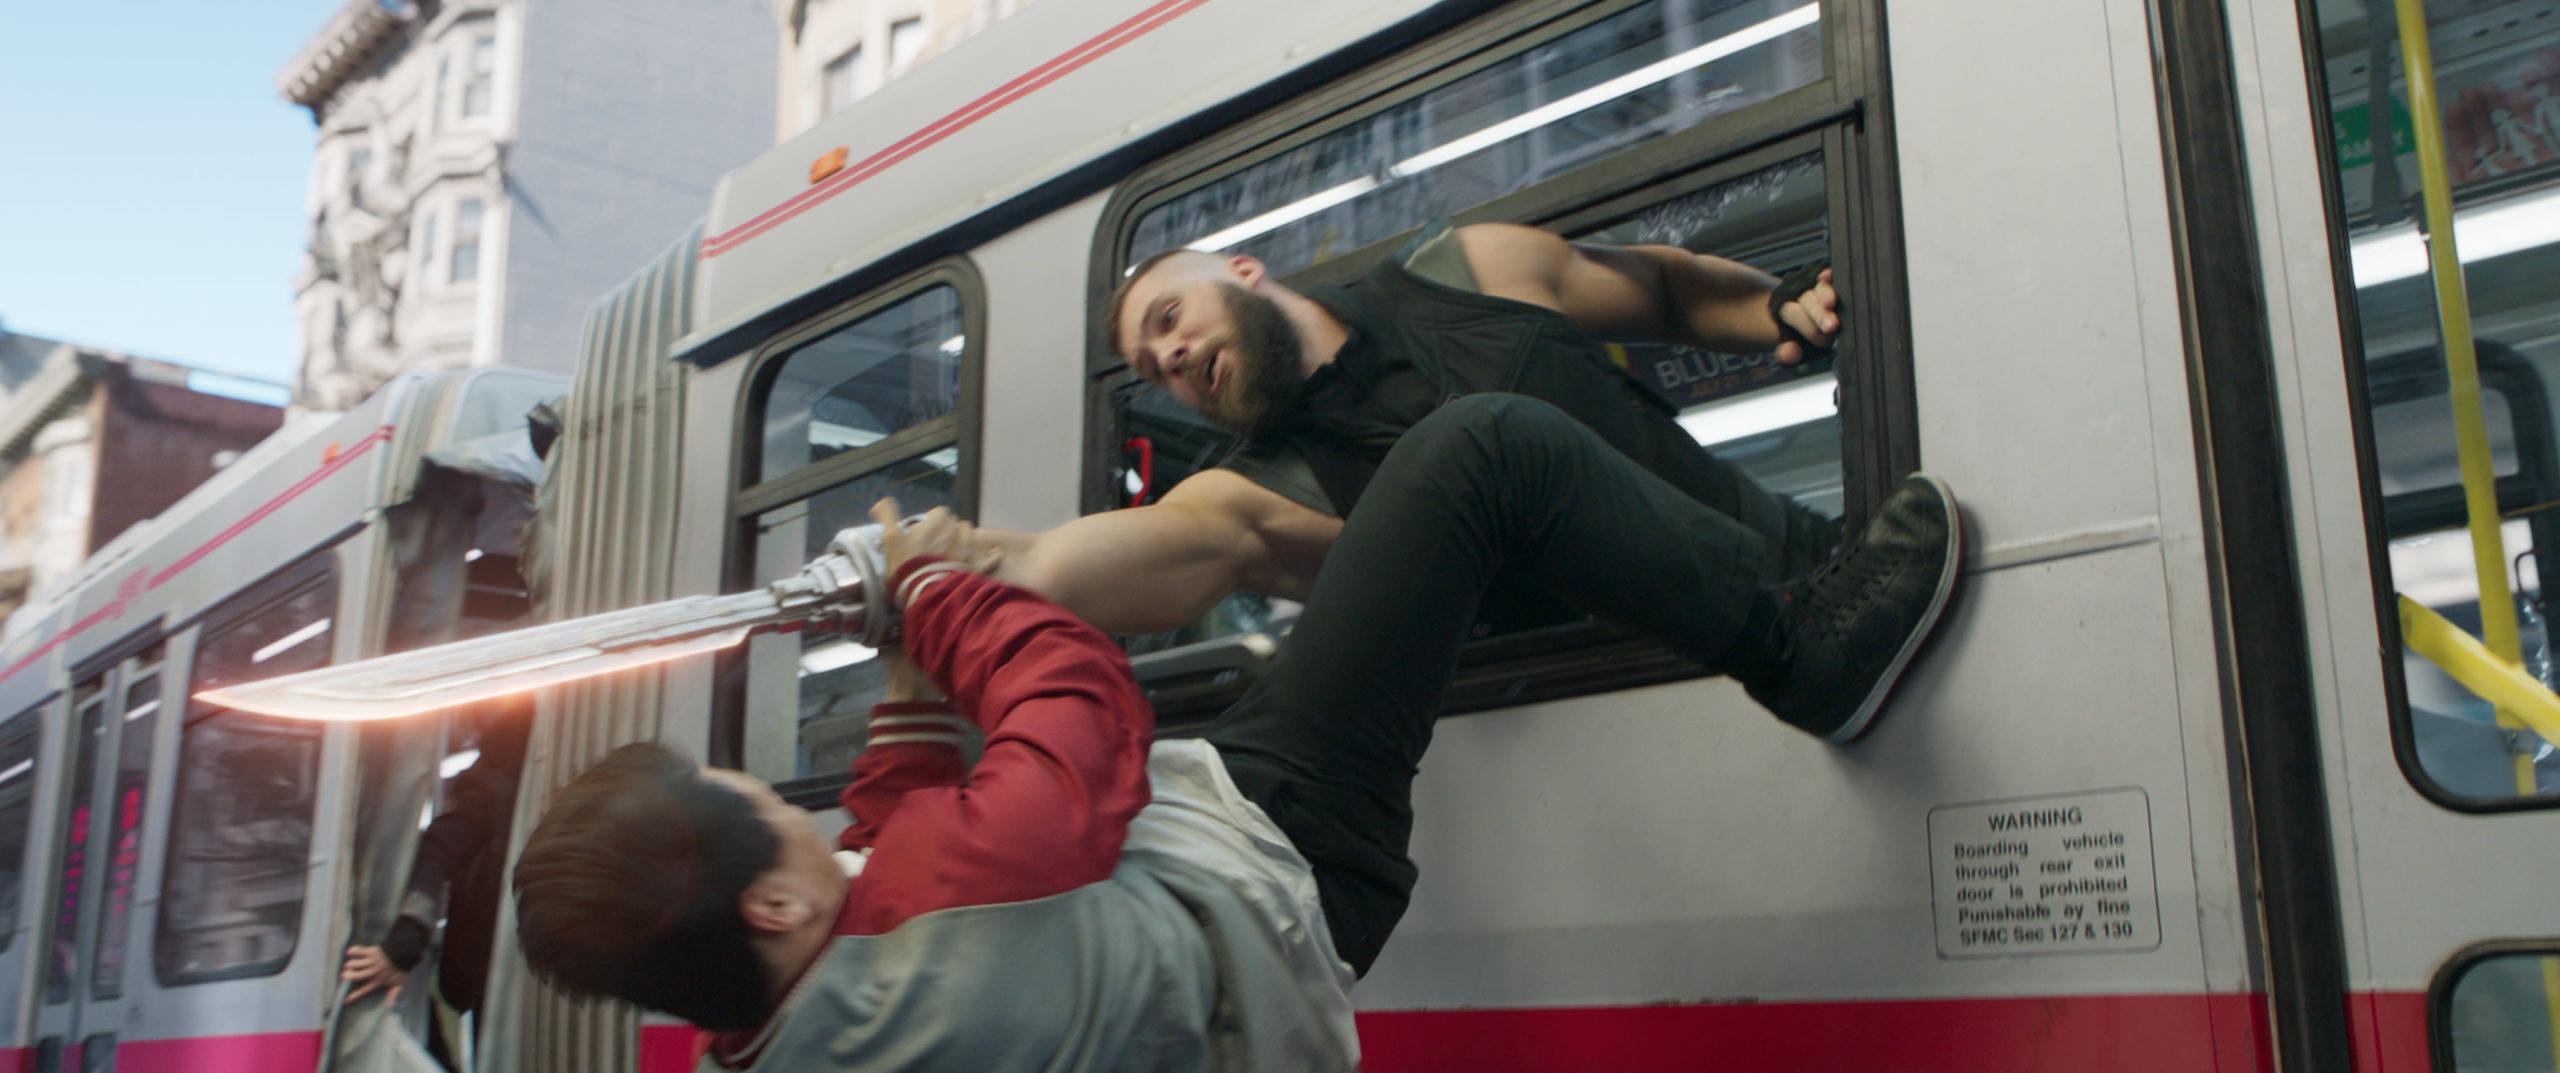 La séquence d'action à bord d'un autobus est tout simplement spectaculaire!